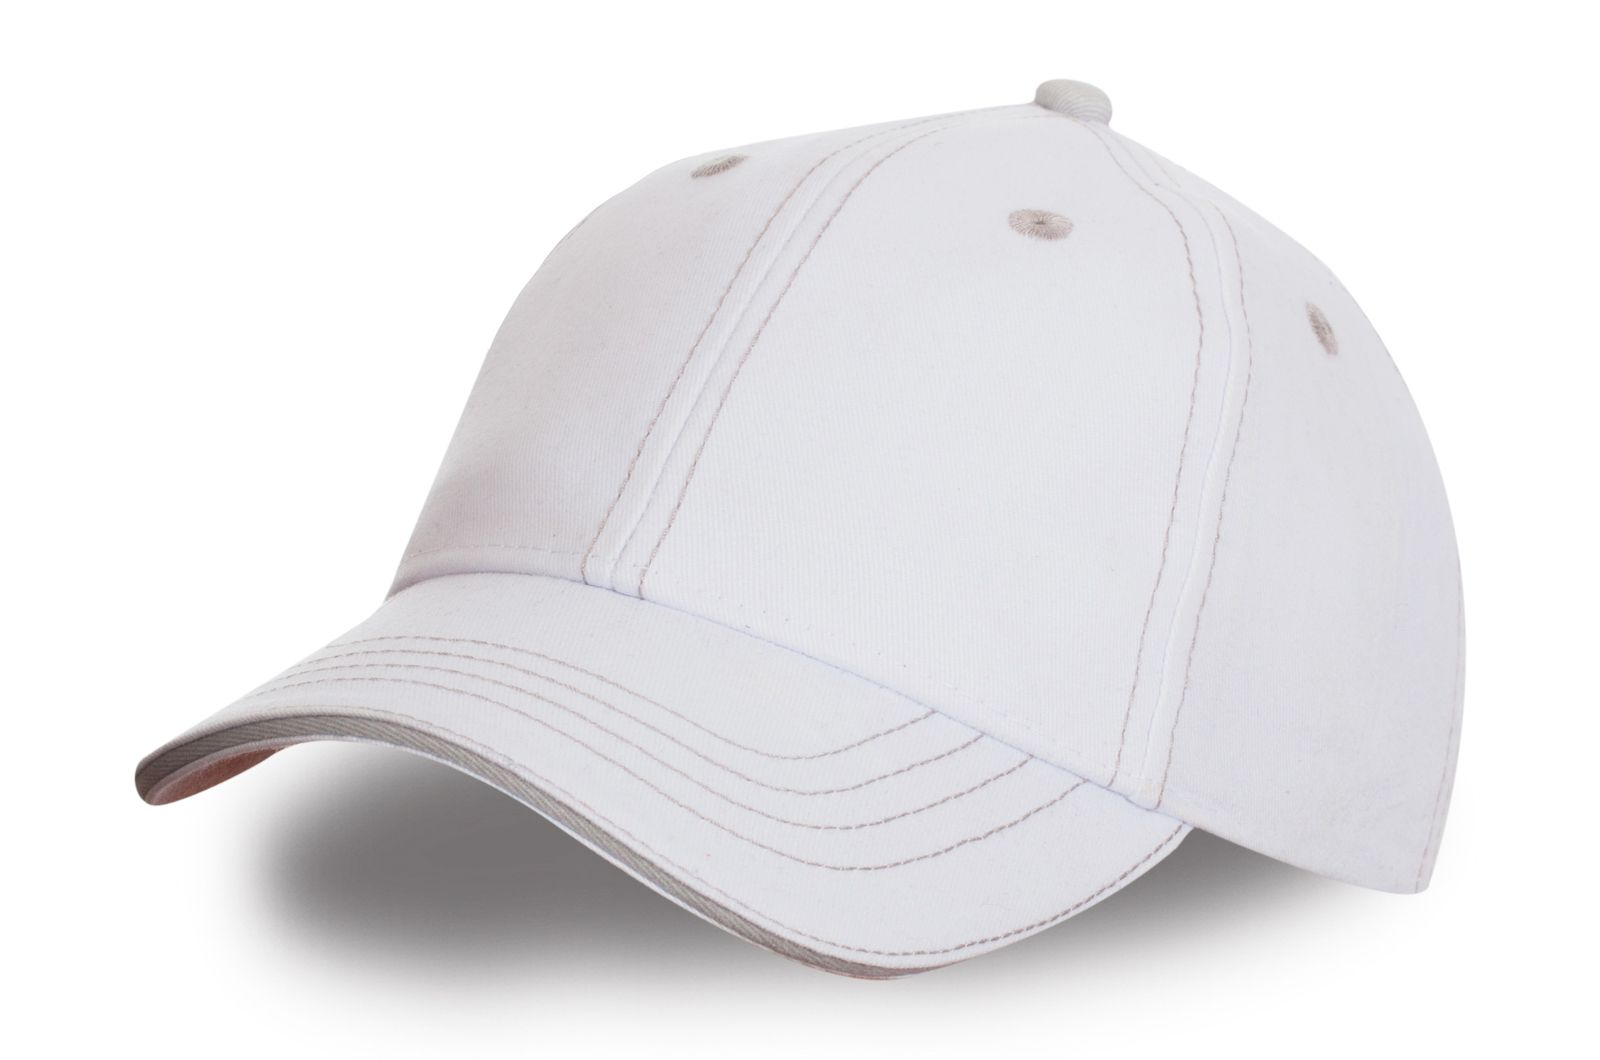 Белая спортивная бейсболка - купить в интернет-магазине с доставкой